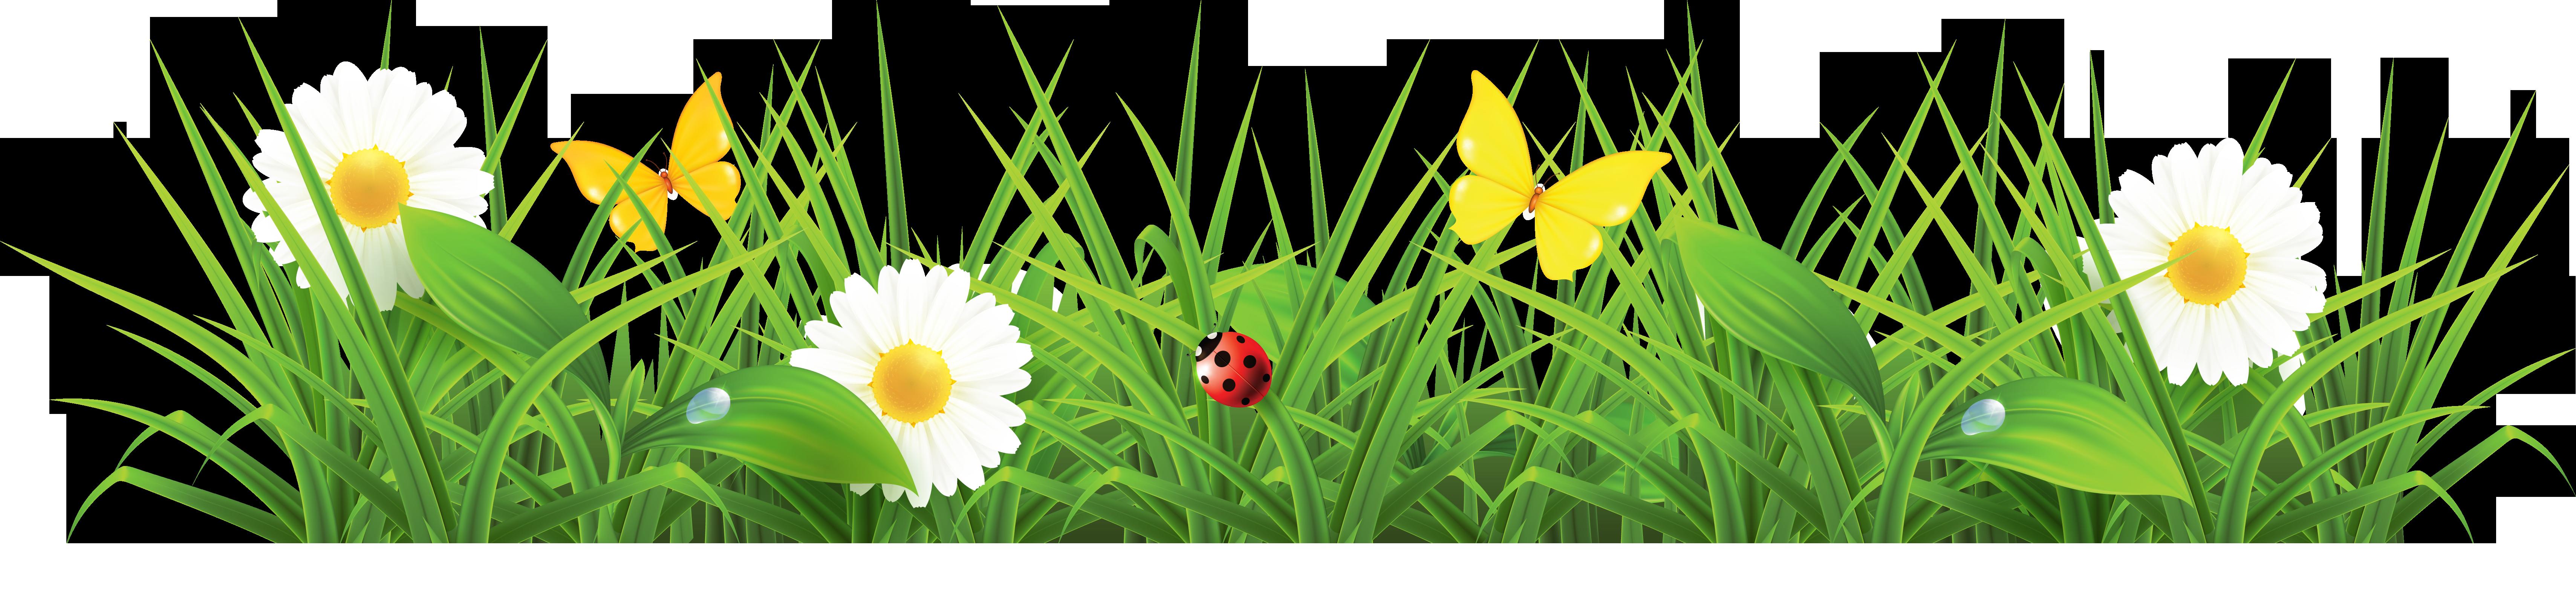 Clip art vector panda. Flower clipart grass